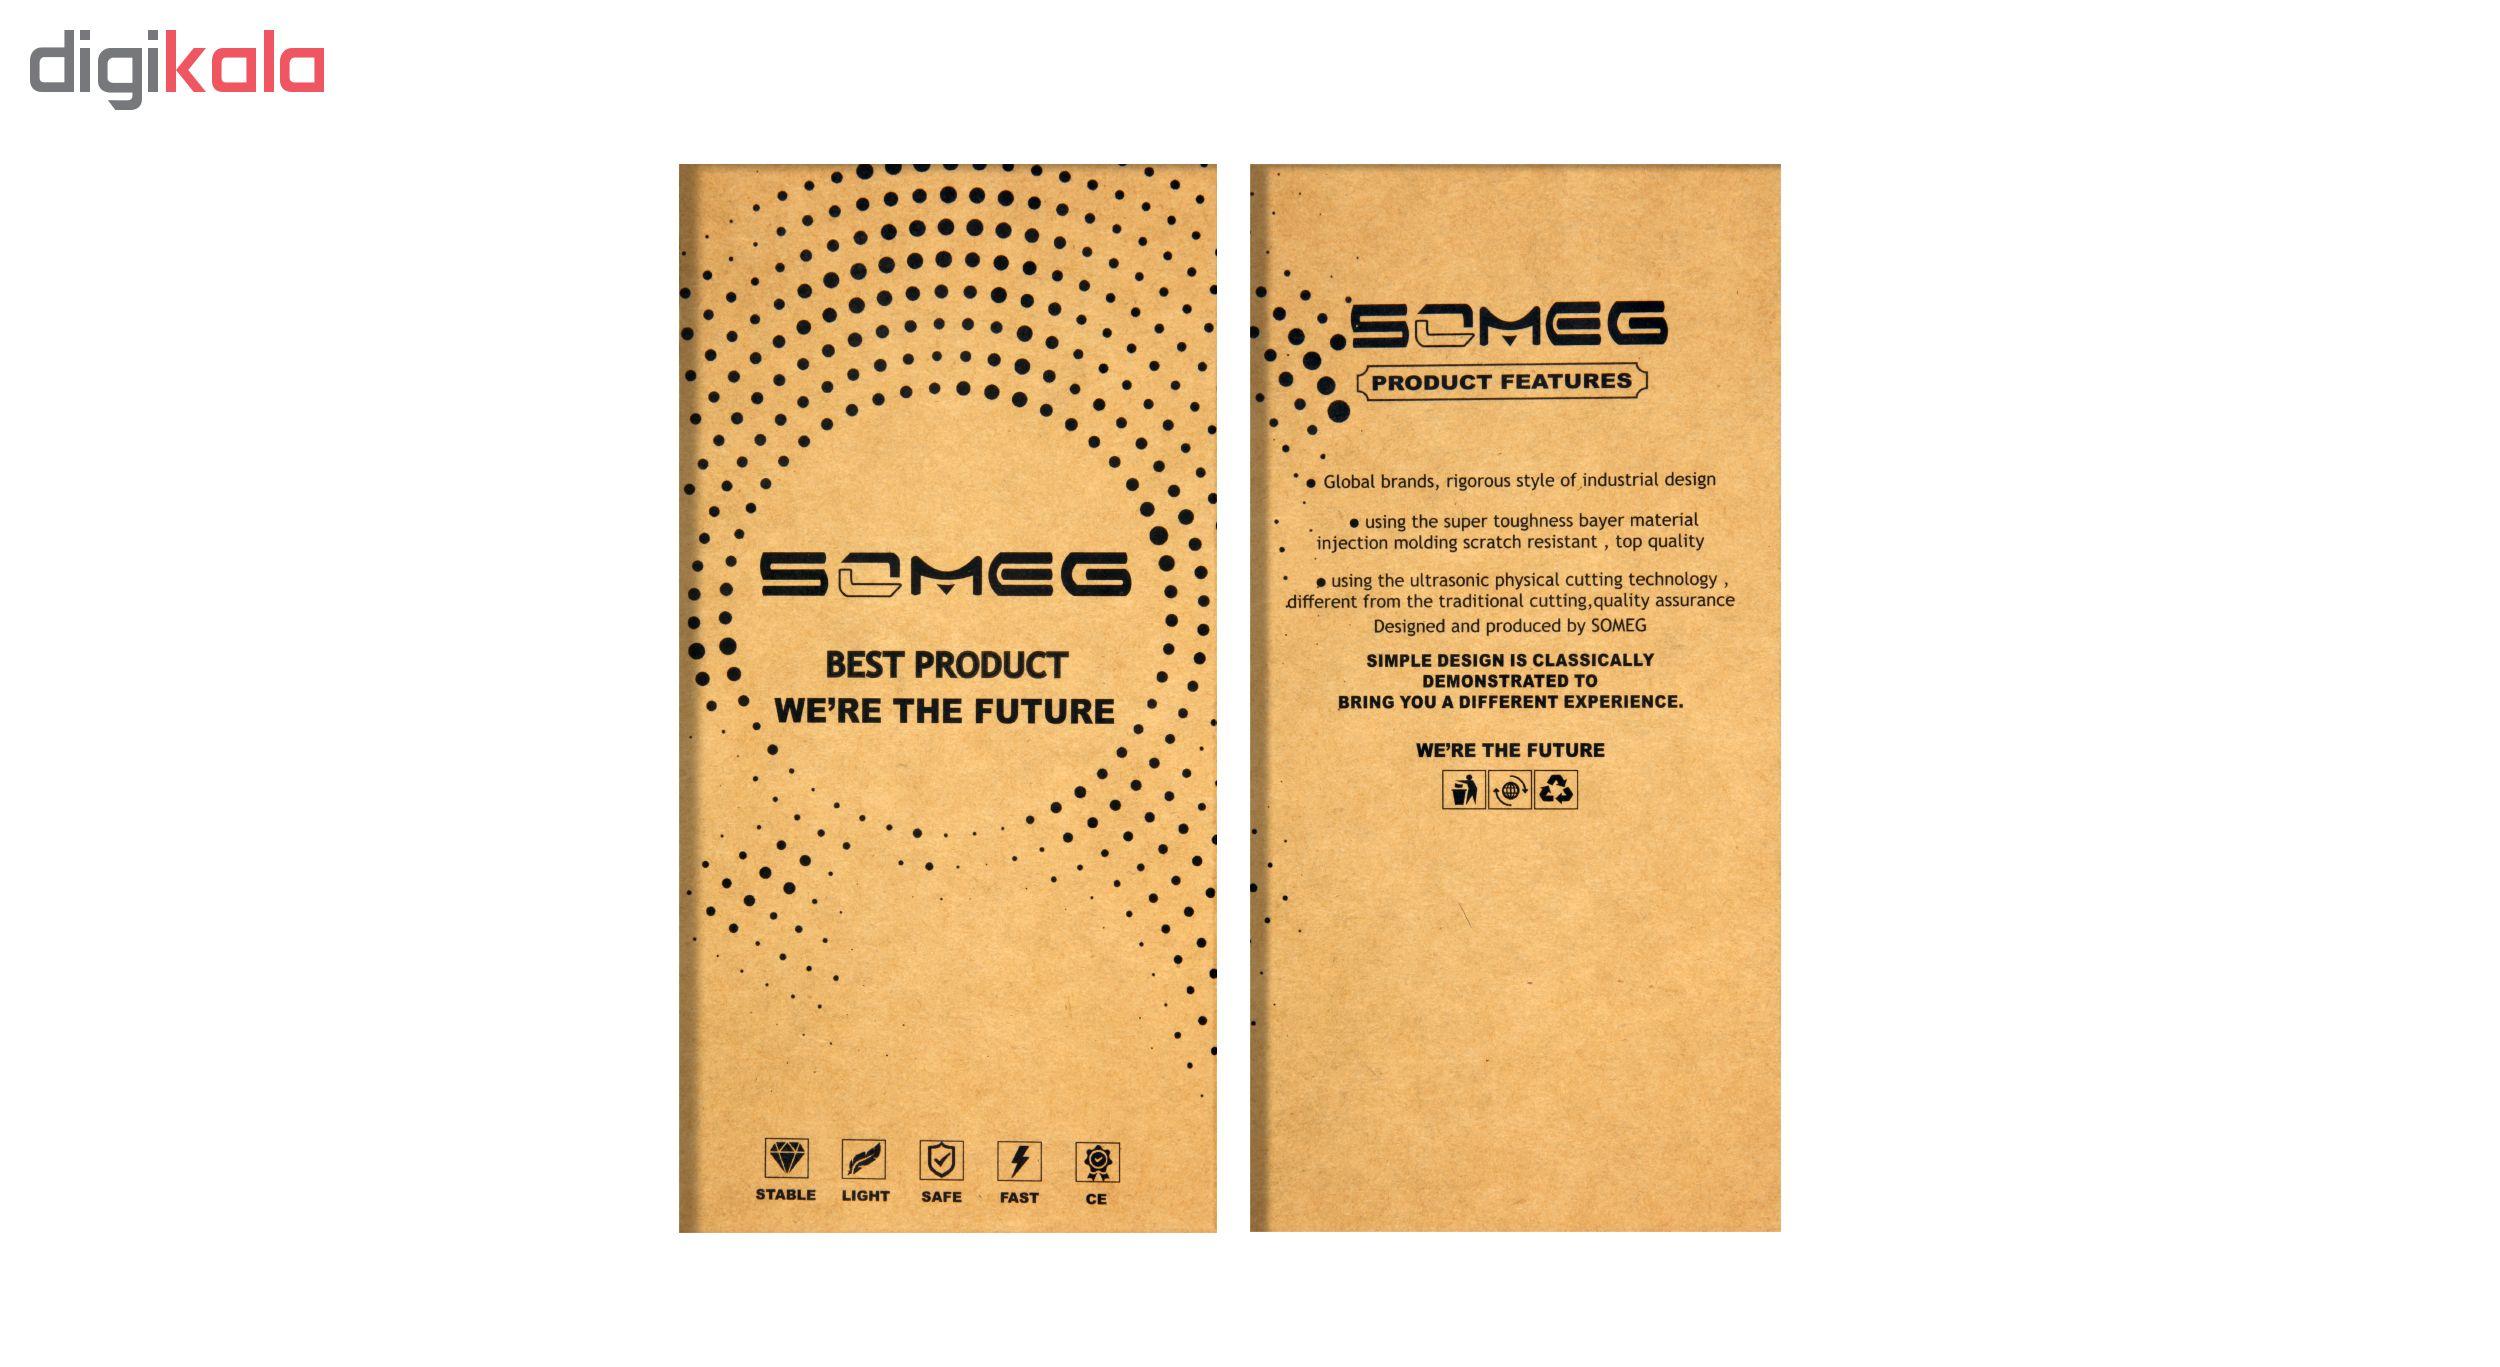 کاور سومگ مدل SC-i001 مناسب برای گوشی موبایل سامسونگ J4 Plus main 1 10